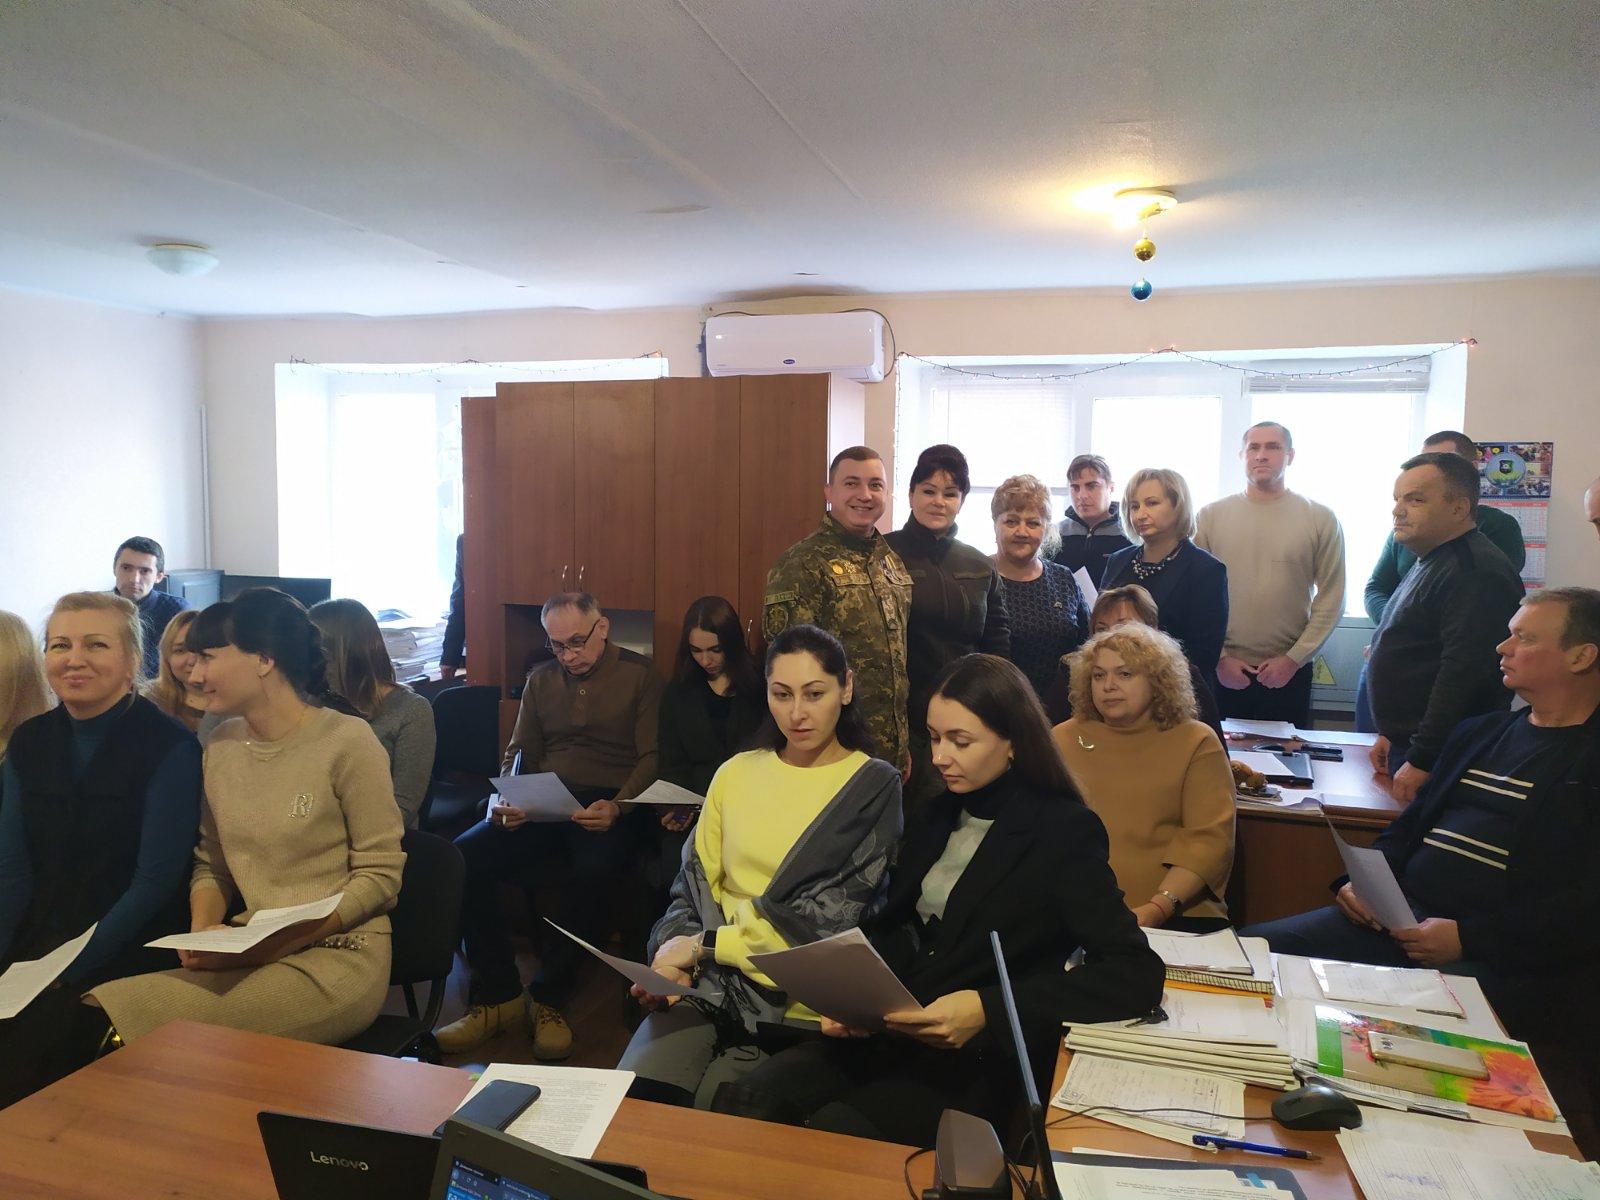 Проведено навчання зі службовцями та працівниками департаменту щодо дій та особливостей взаємодії під час введення режиму «ЖОВТИЙ» в районі операцій об'єднаних сил